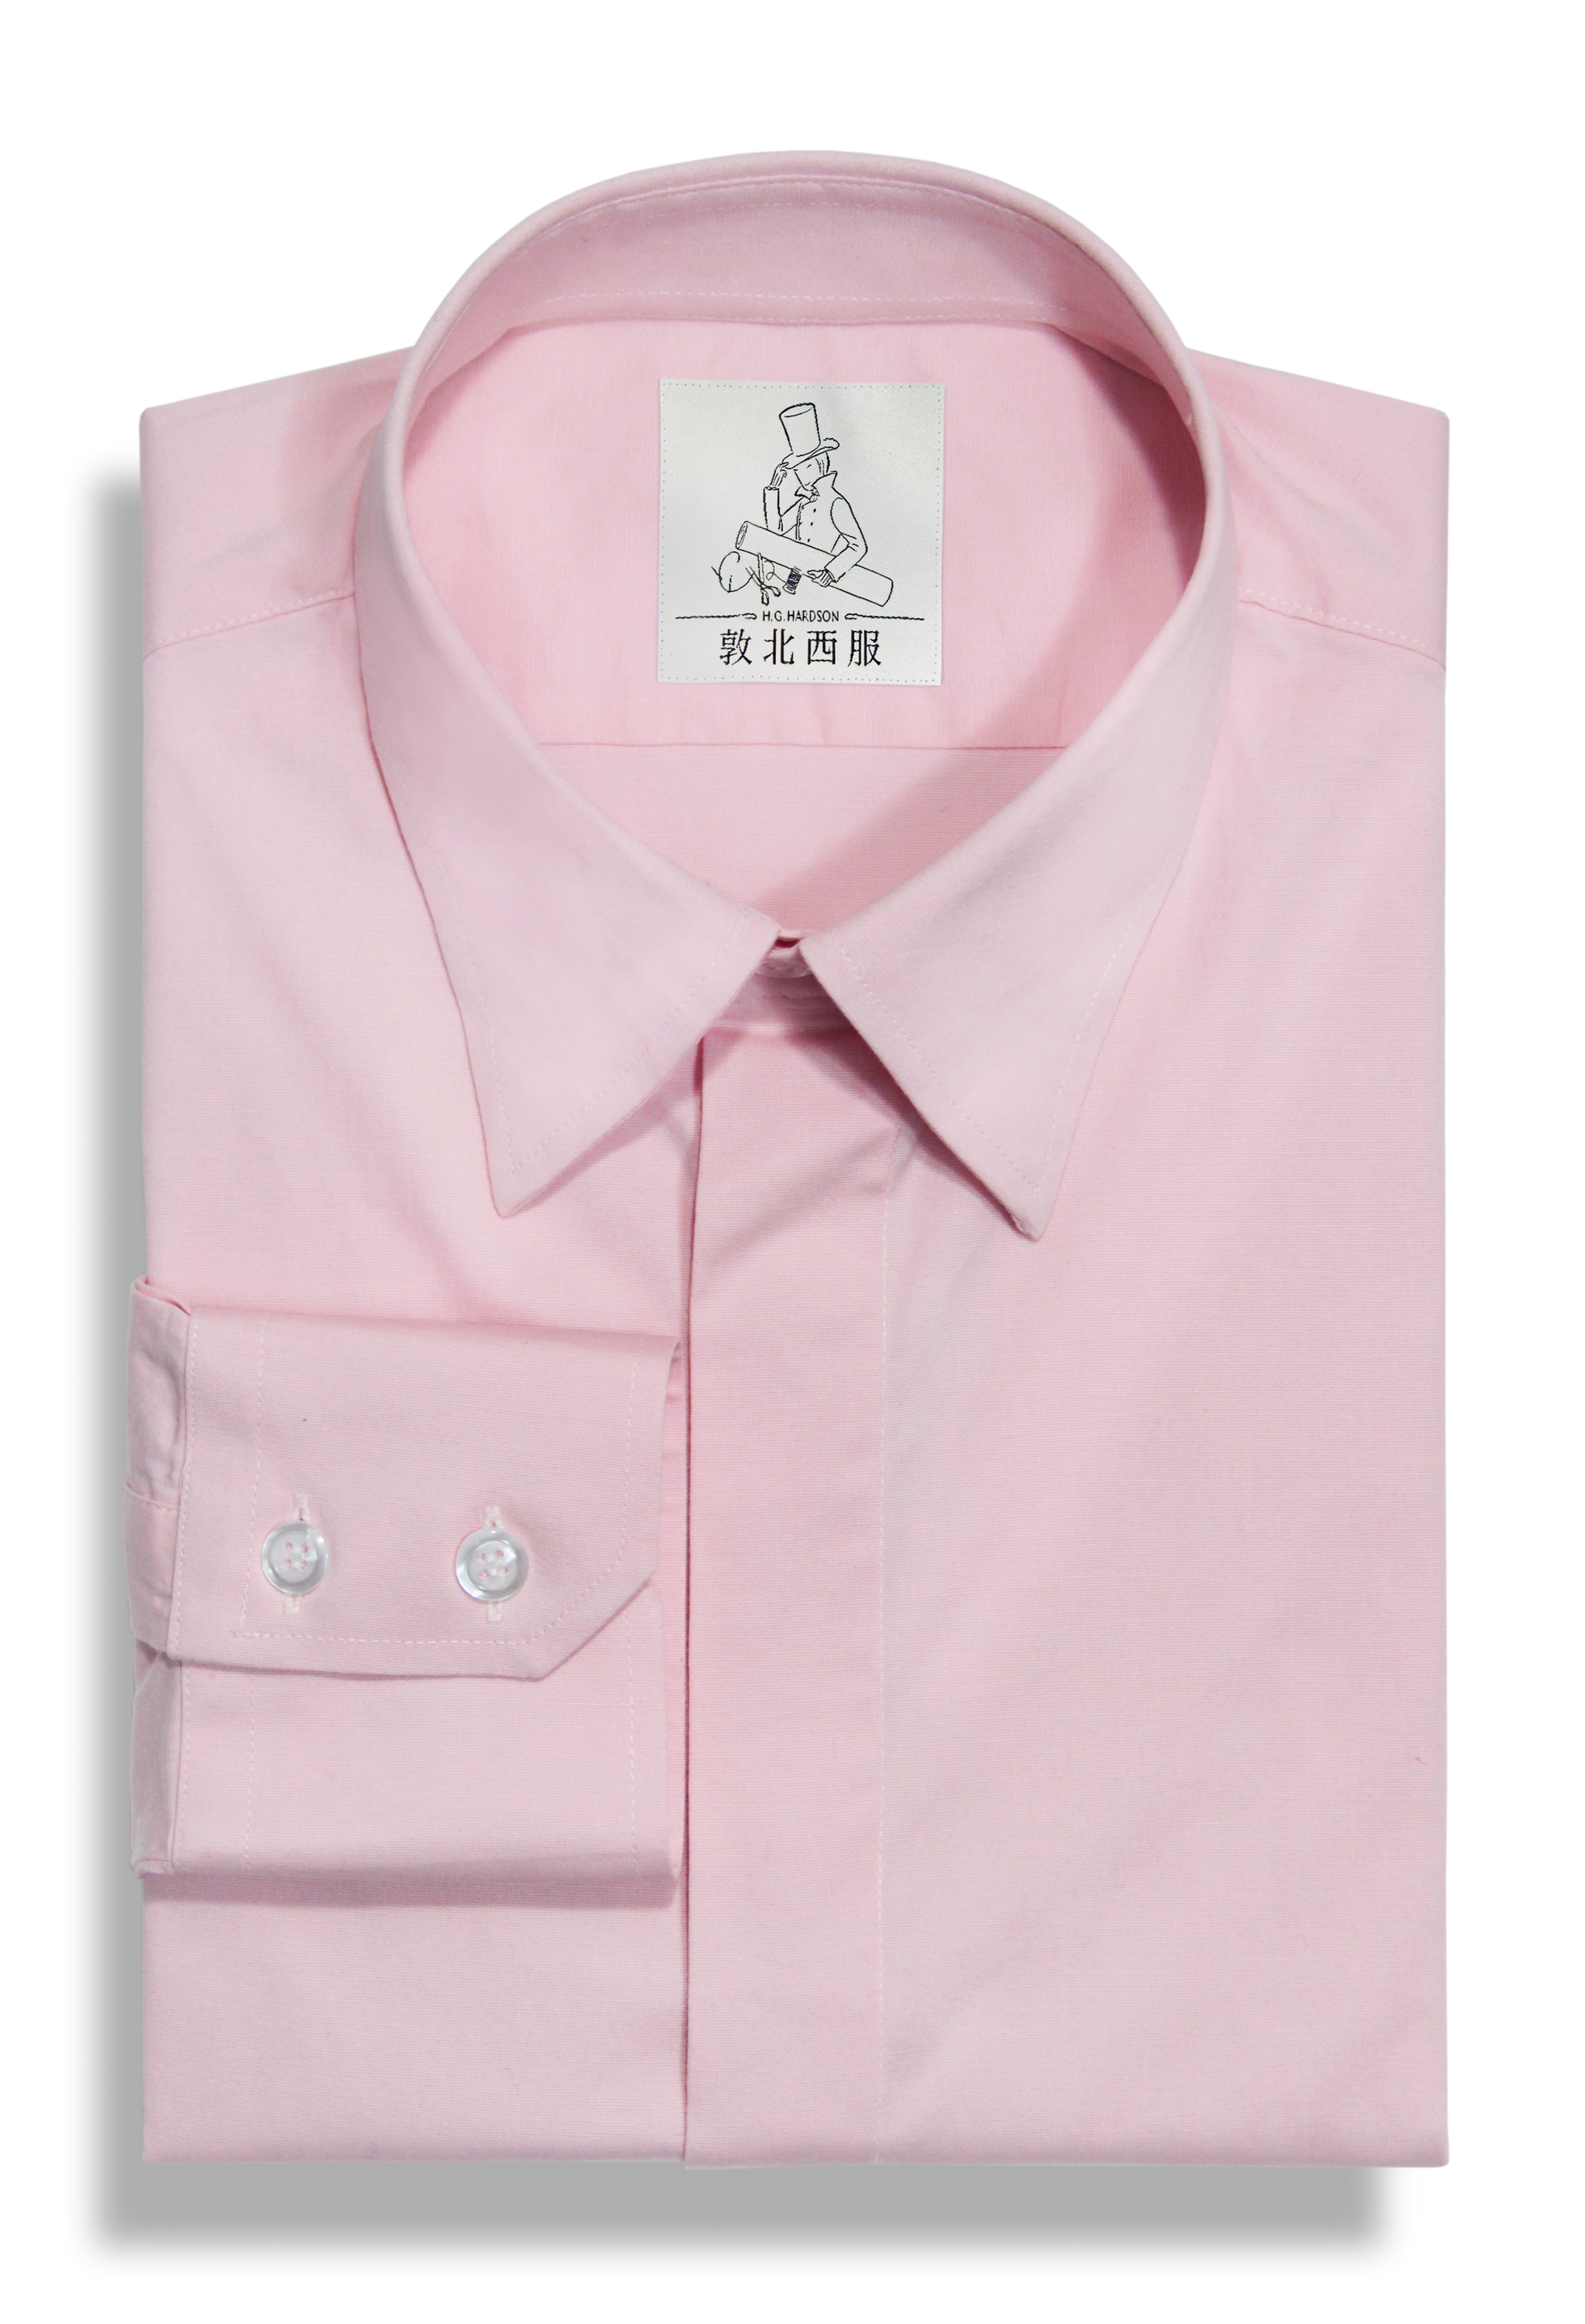 粉紅純棉襯衫